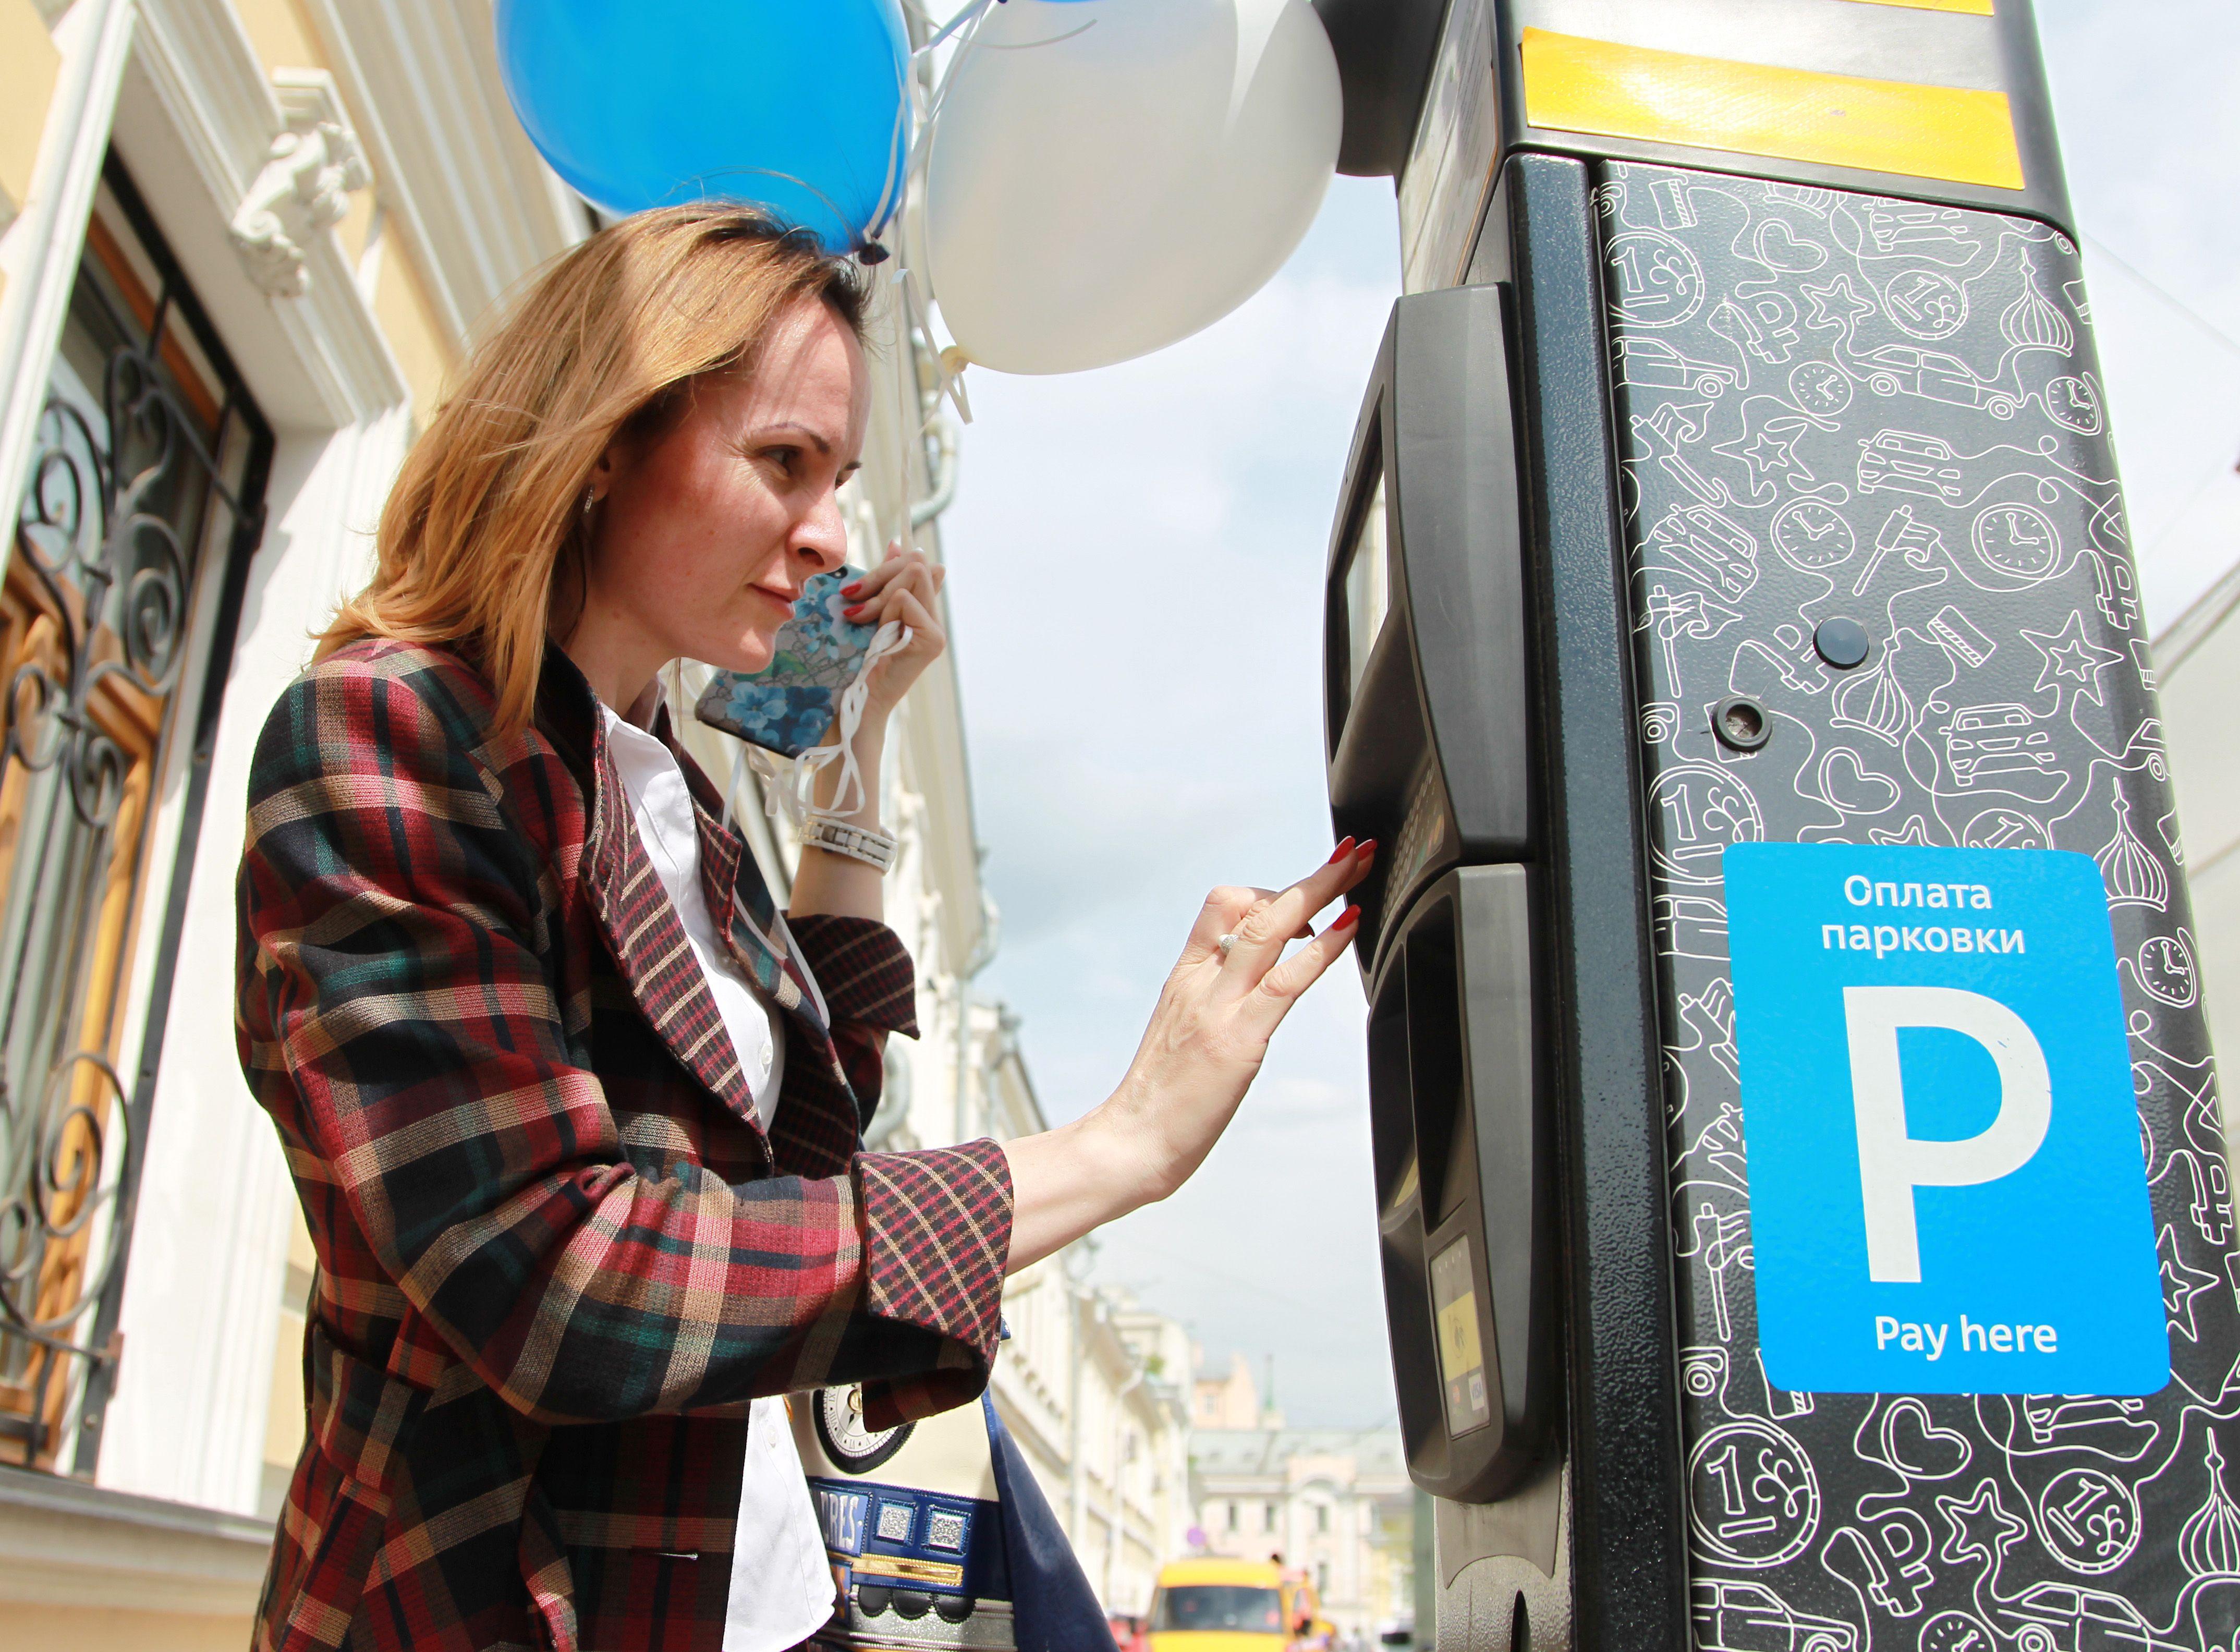 Москва на семь дней отменила плату за парковку